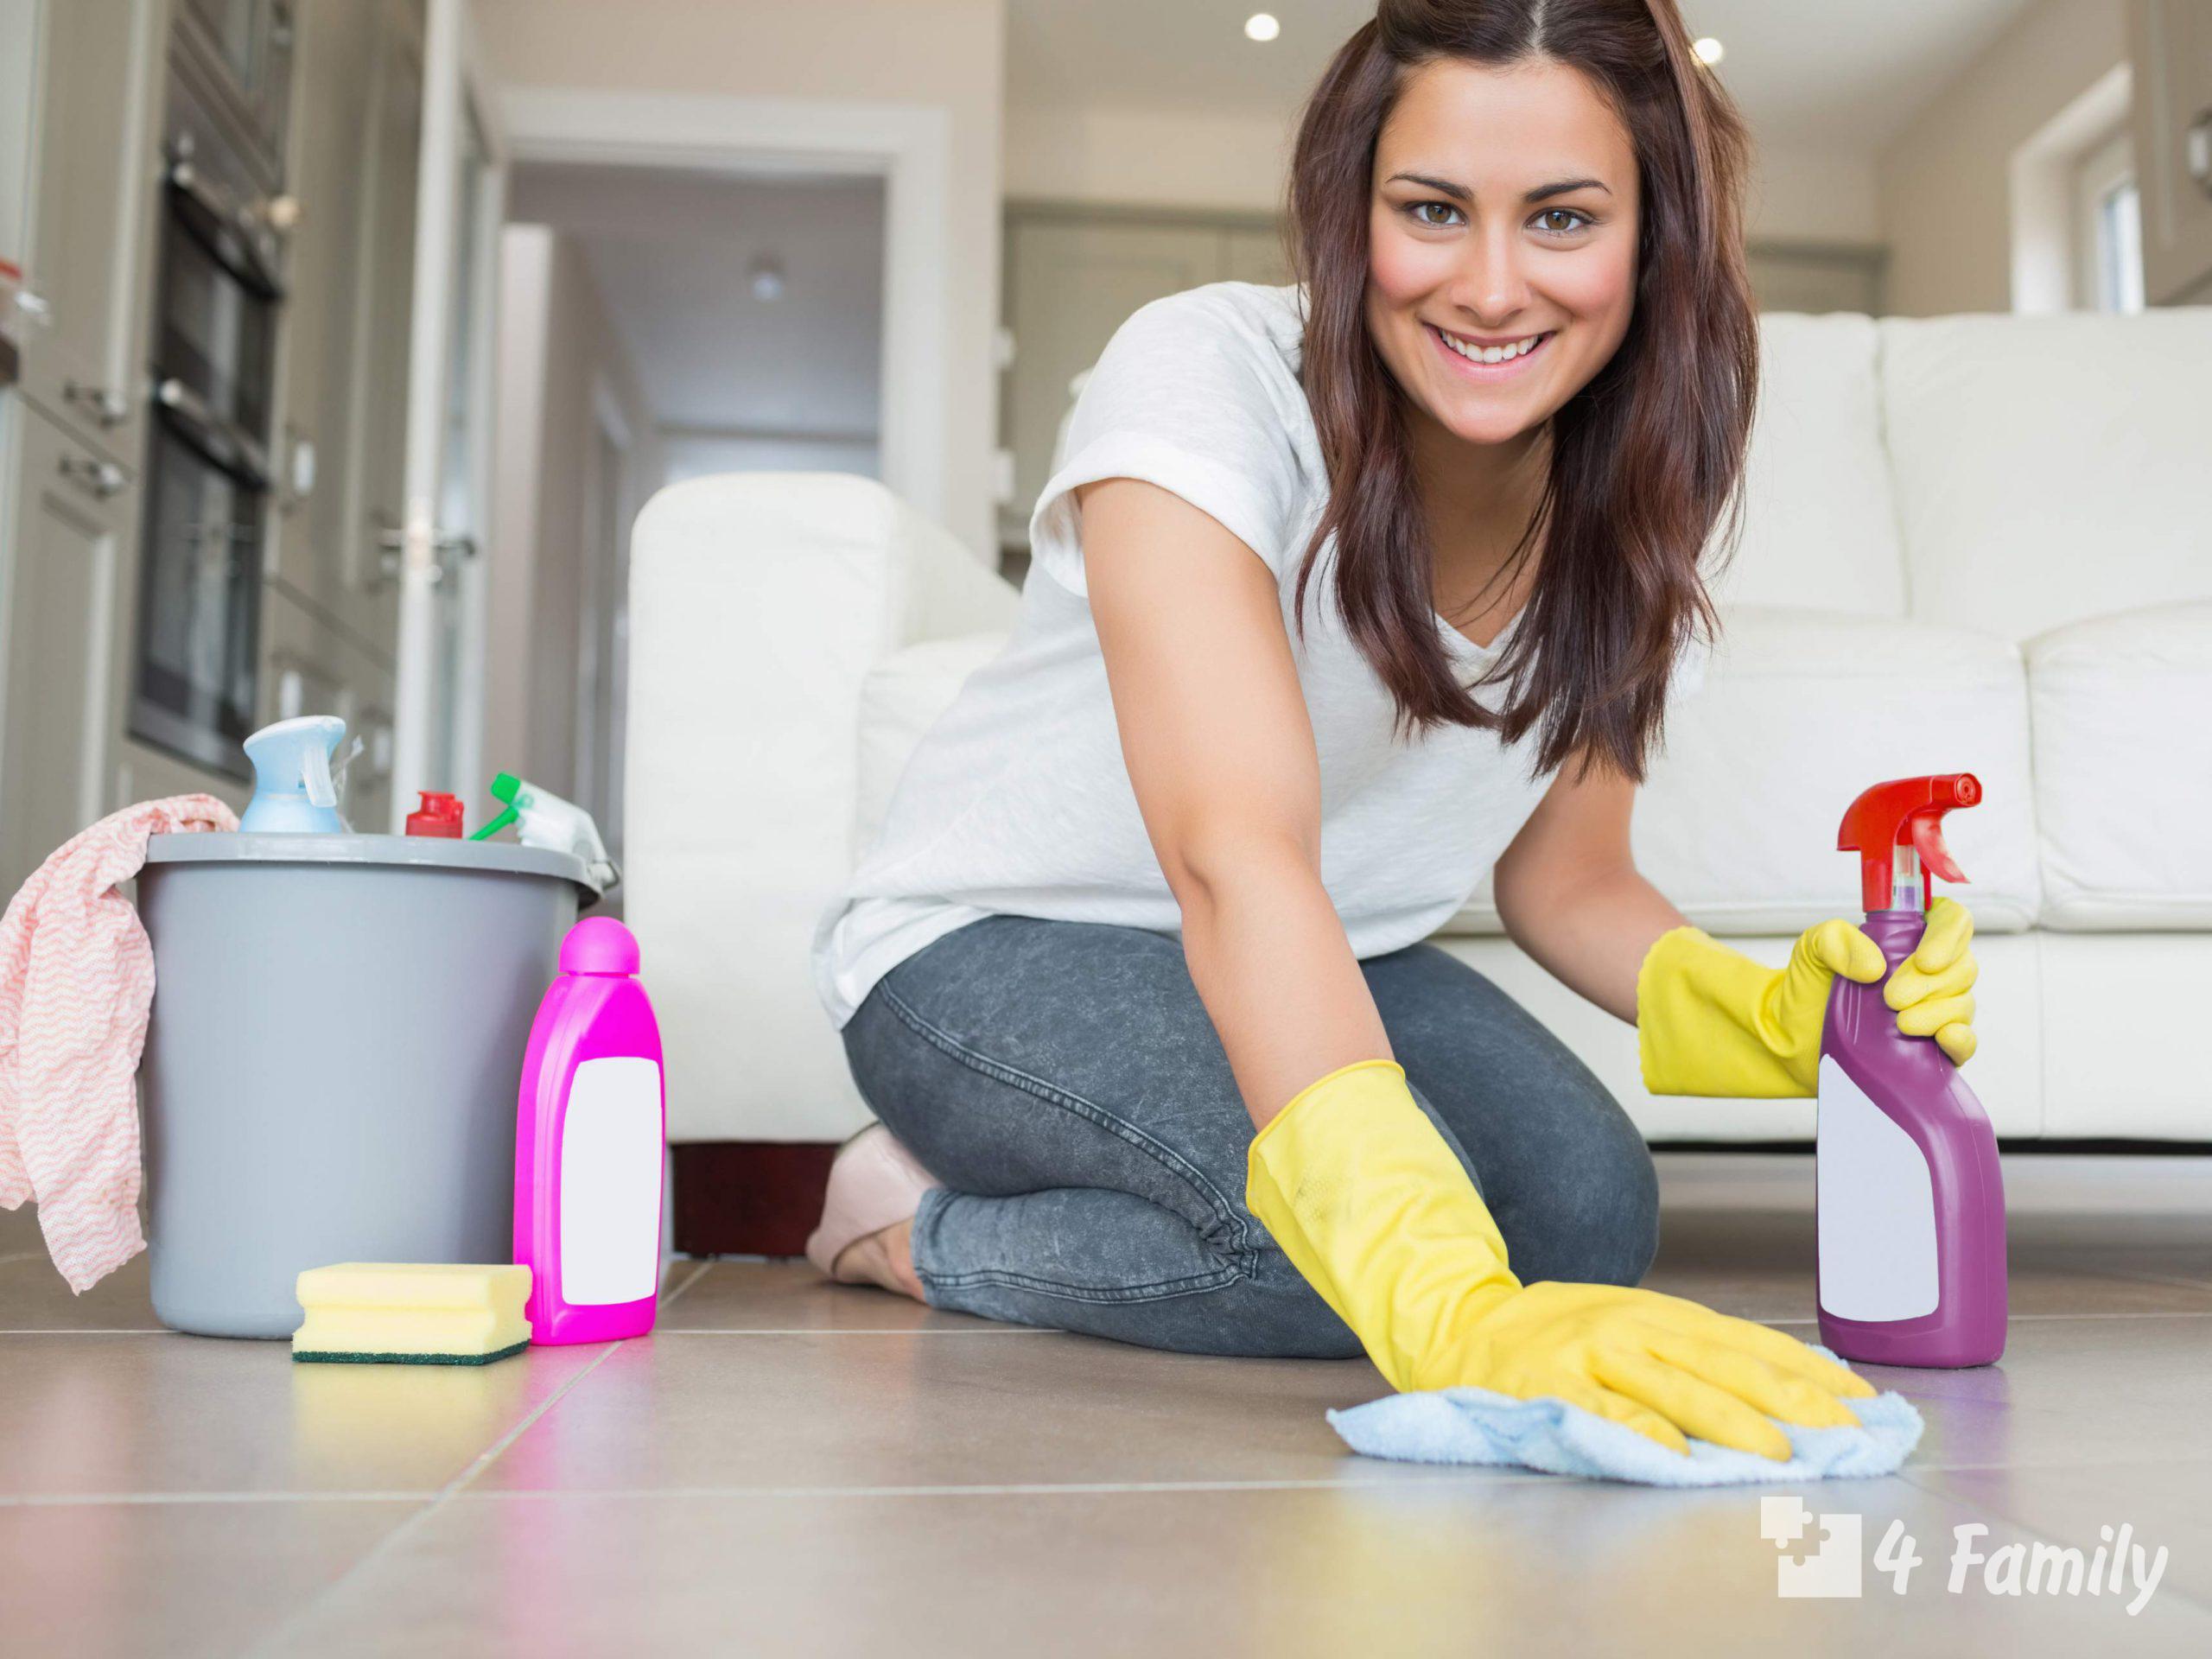 4family Полезные советы в домашних условиях